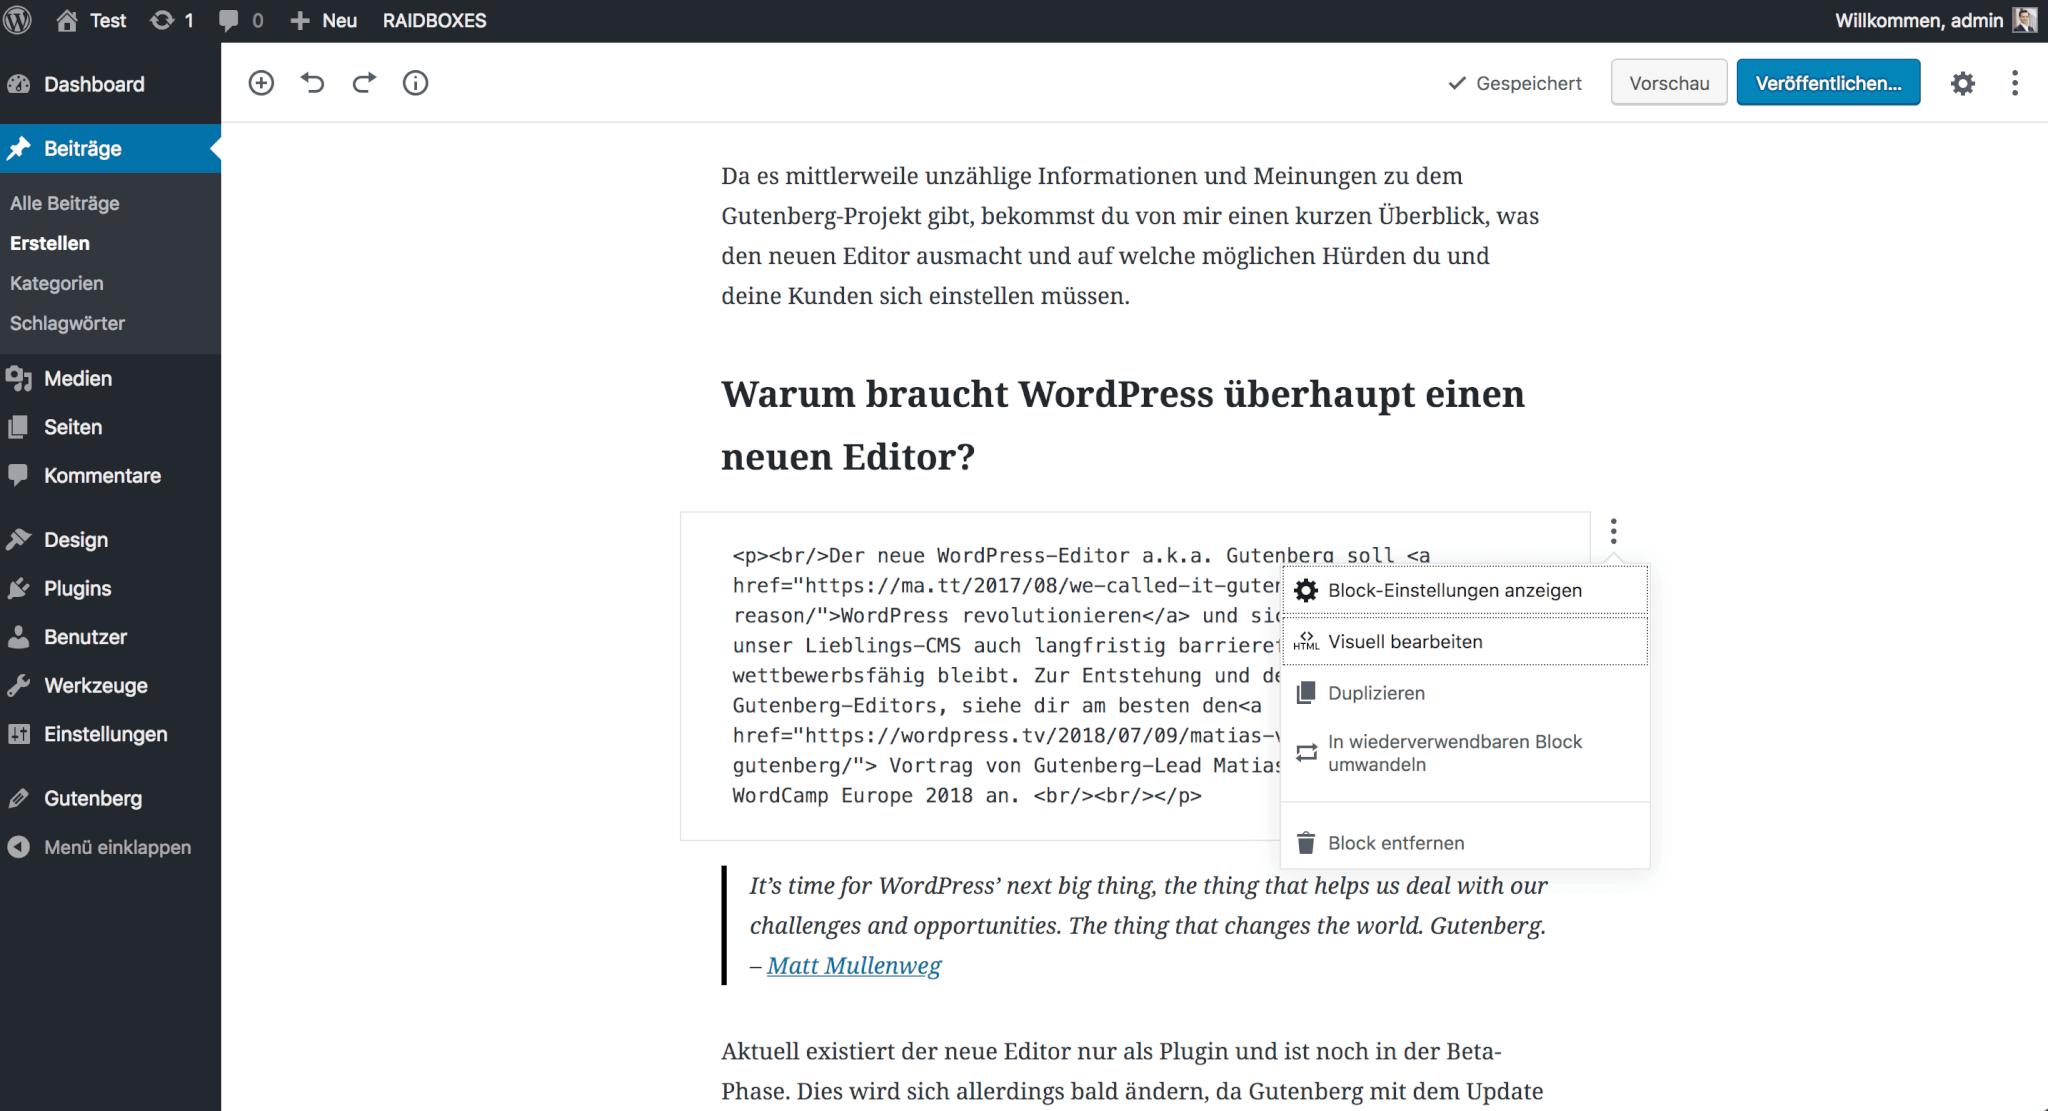 WordPress-Editor Gutenberg: HTML-Ansicht